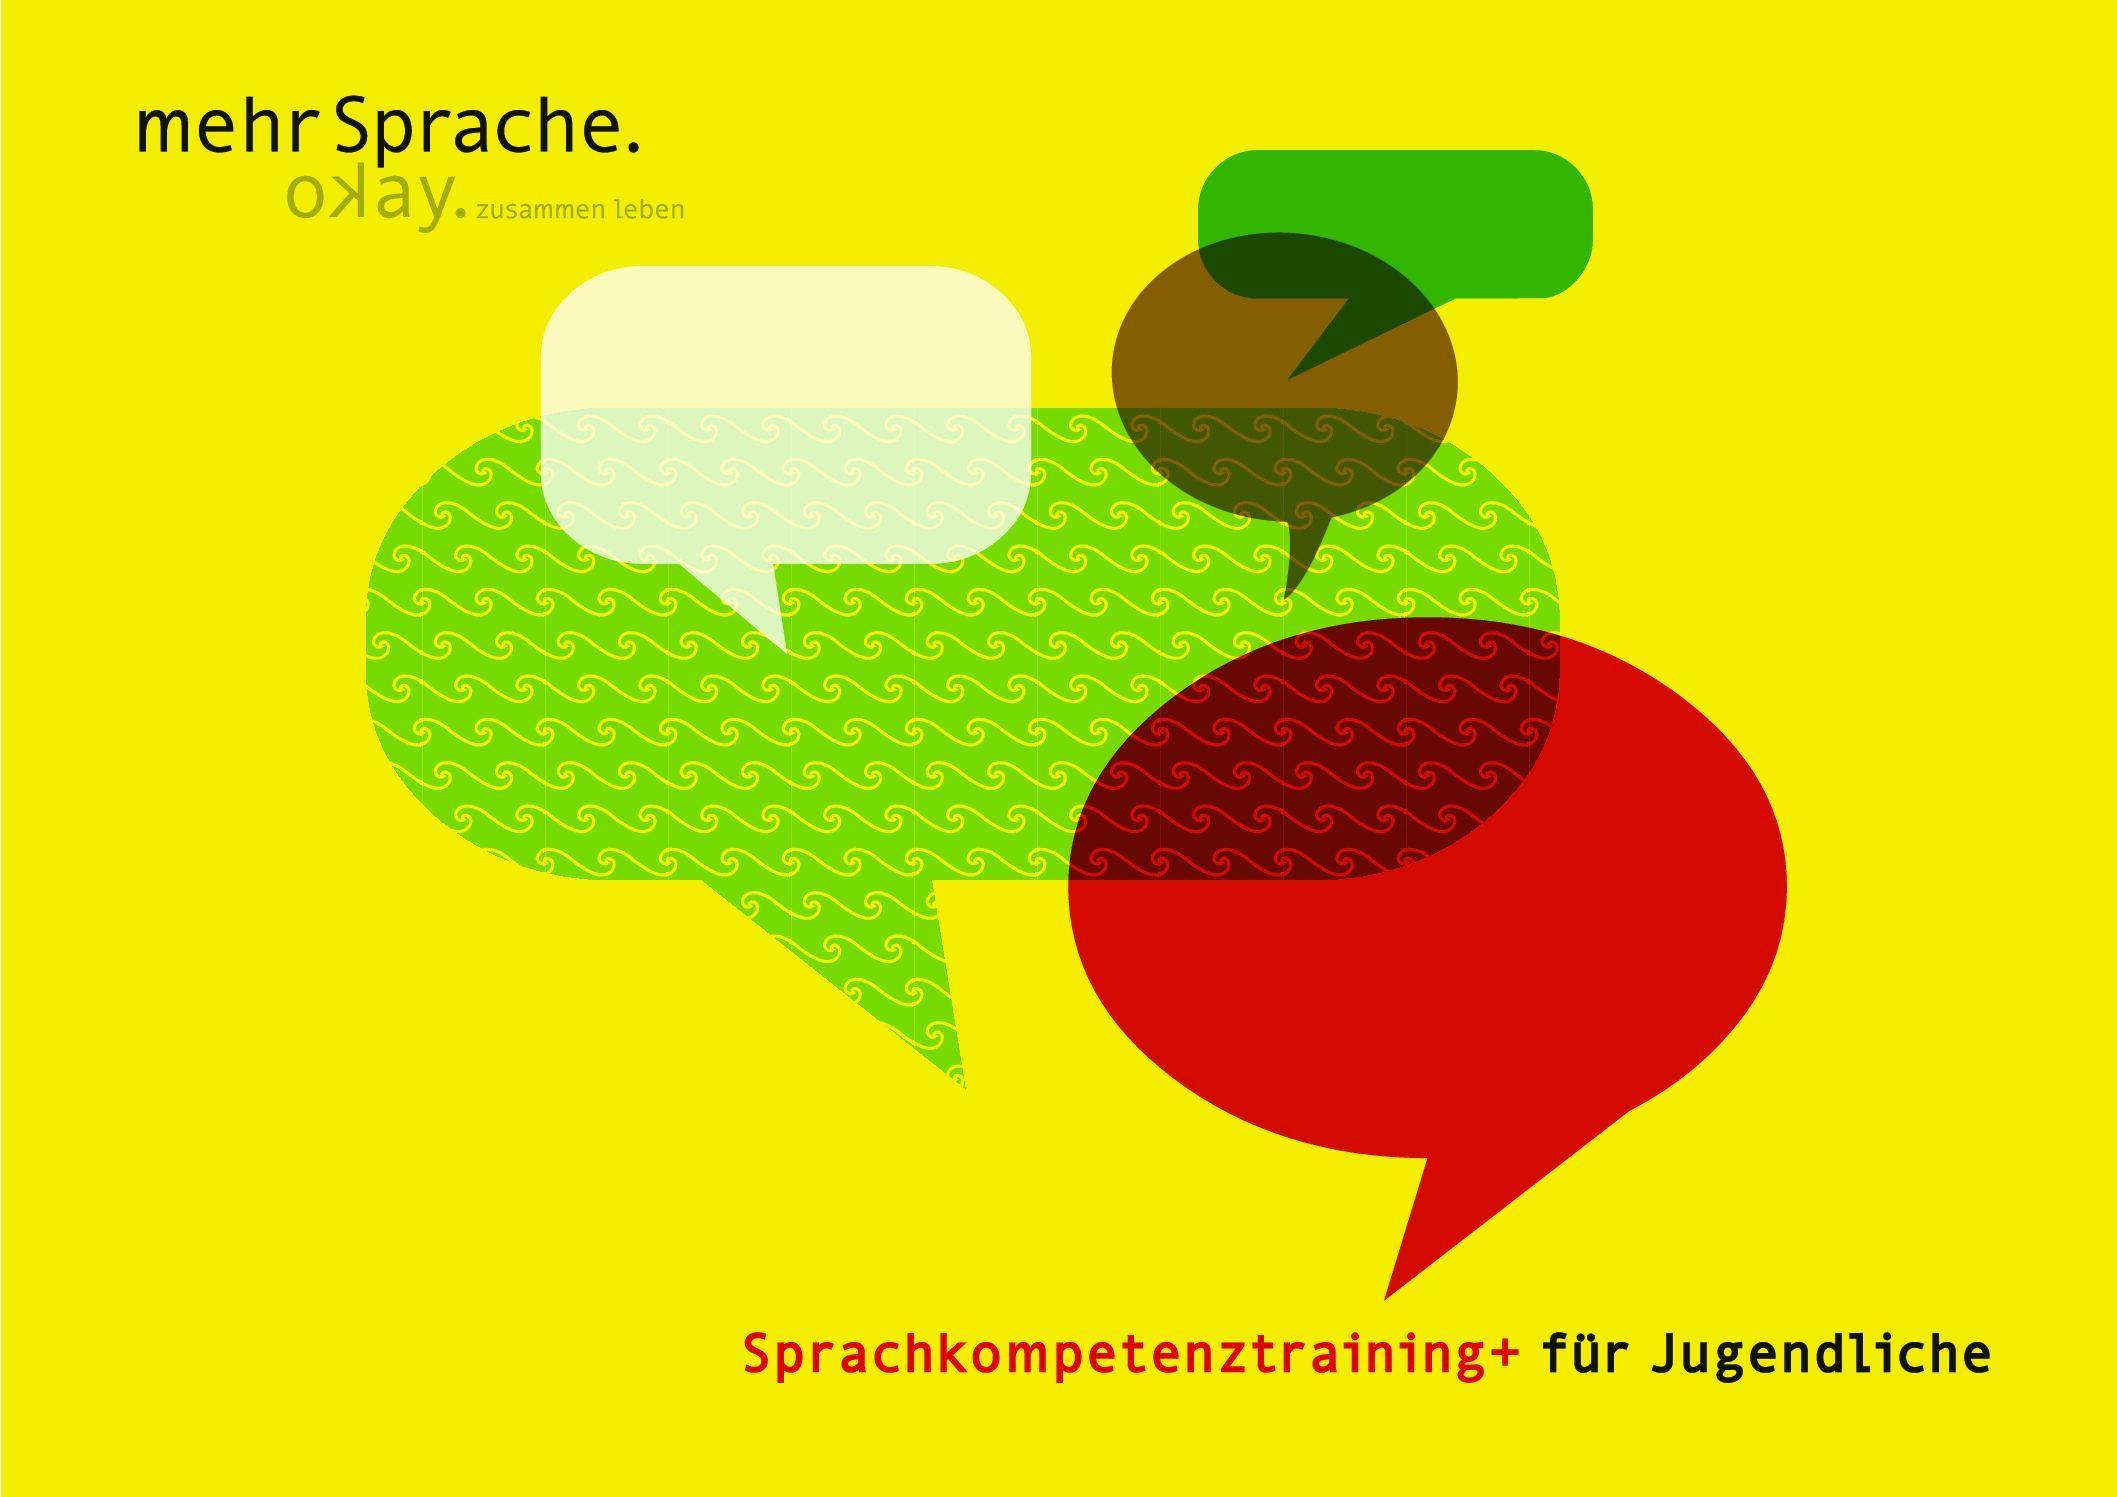 Sprachkompetenztraining+ für Jugendliche im Graf Hugo